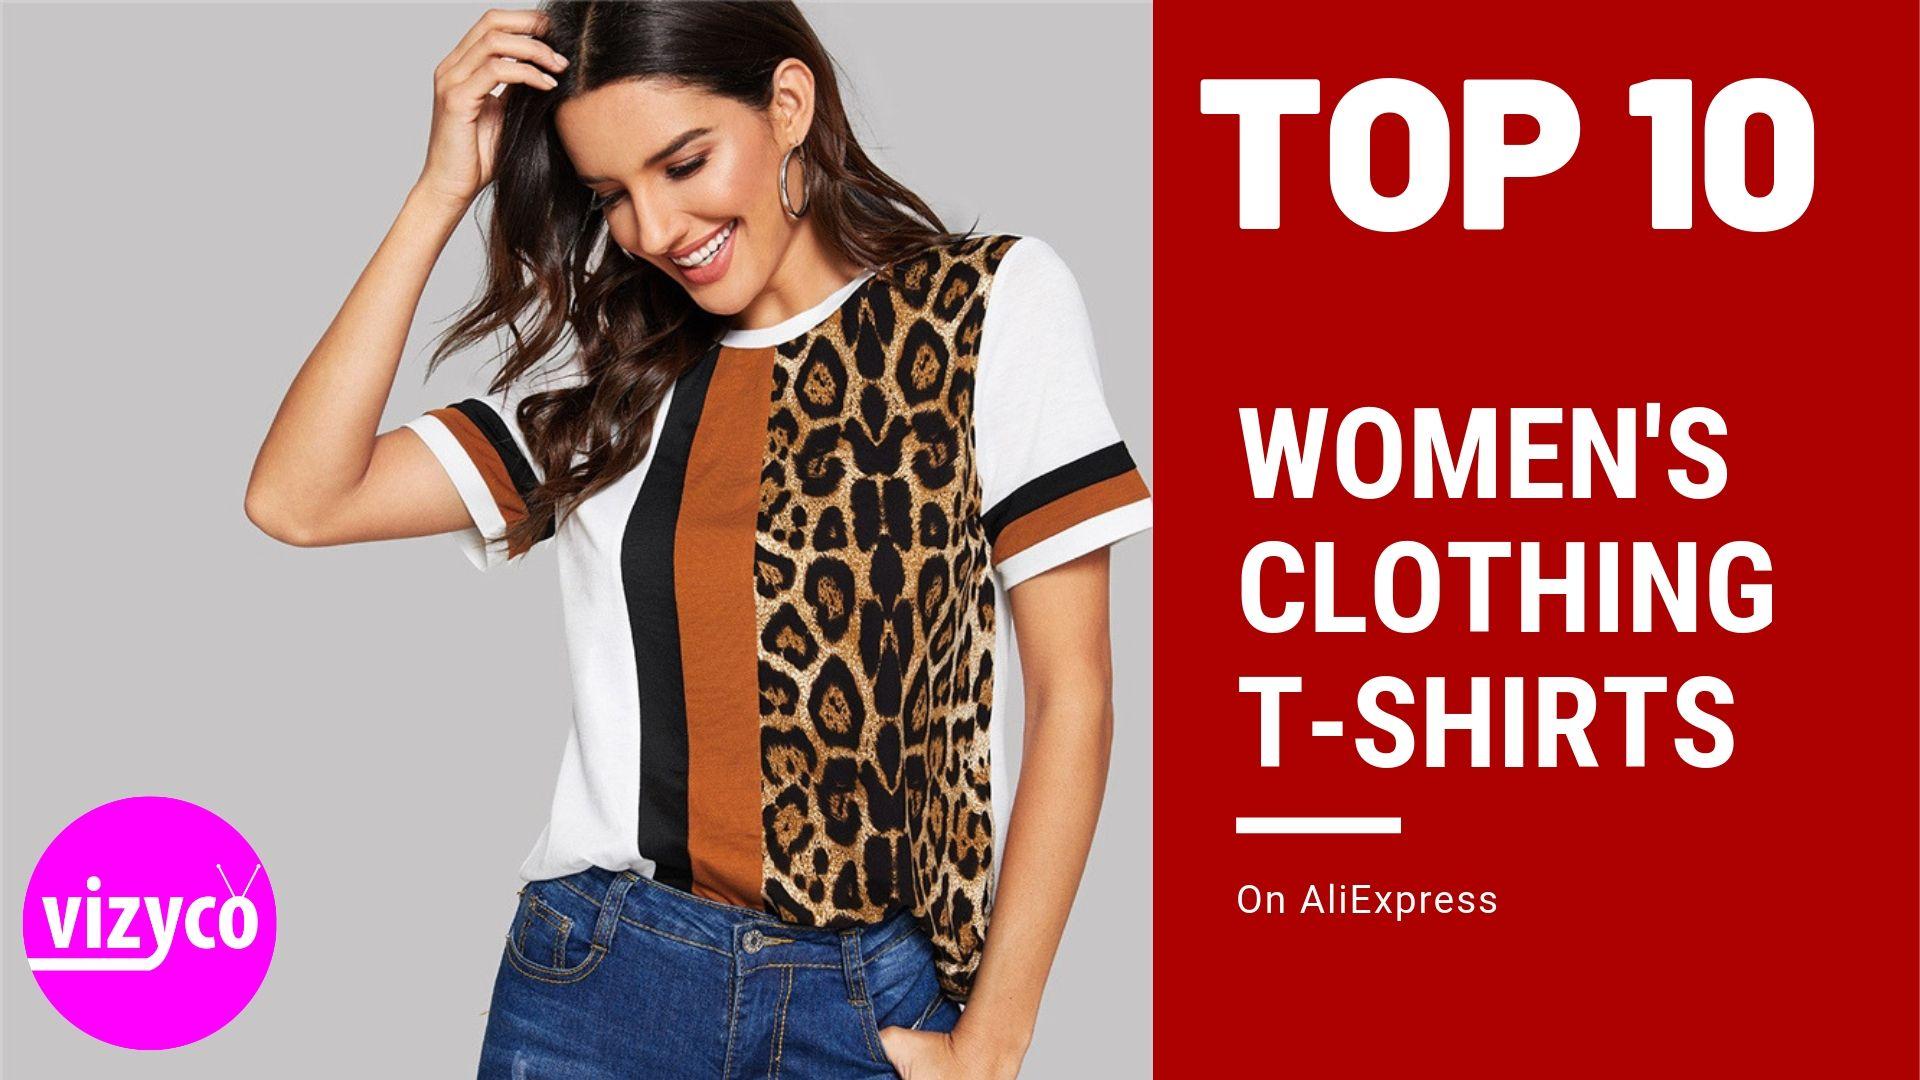 Women T-Shirts AliExpress Top 10 on Women's Clothing | vizyco